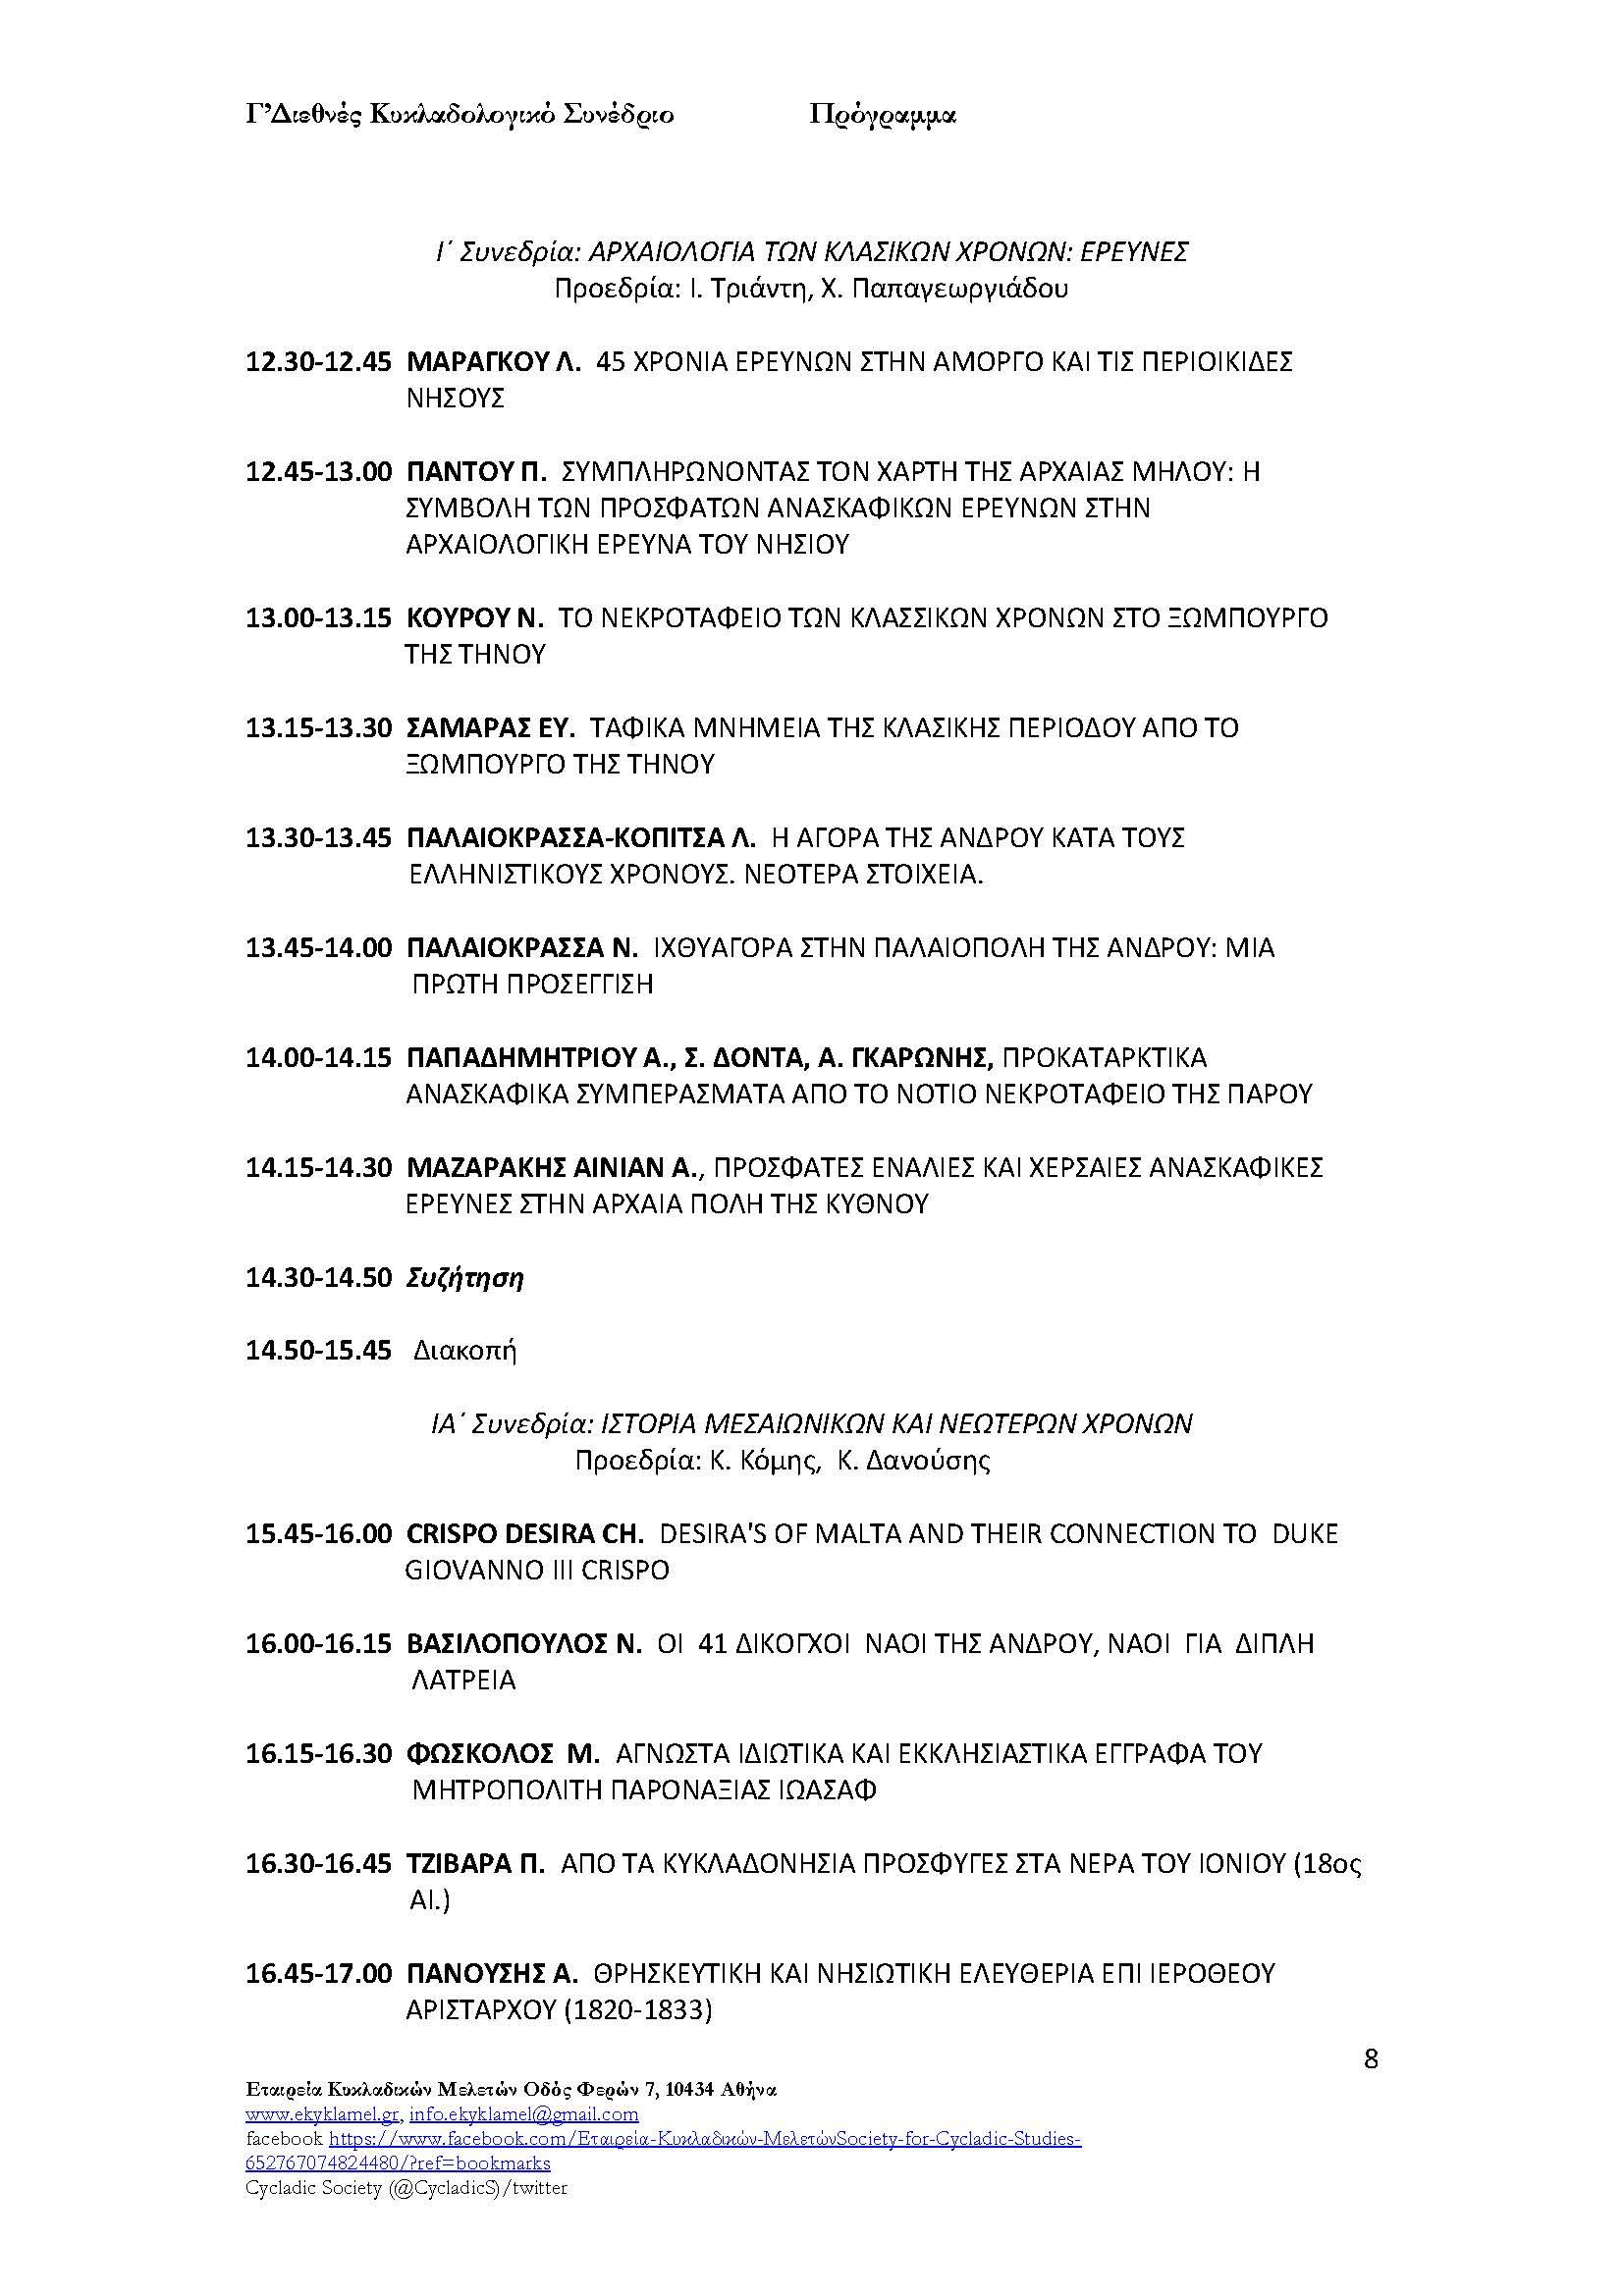 πρόγραμμα Γ' Κυκλαδολογικού Συνεδρίου (1)_Page_08